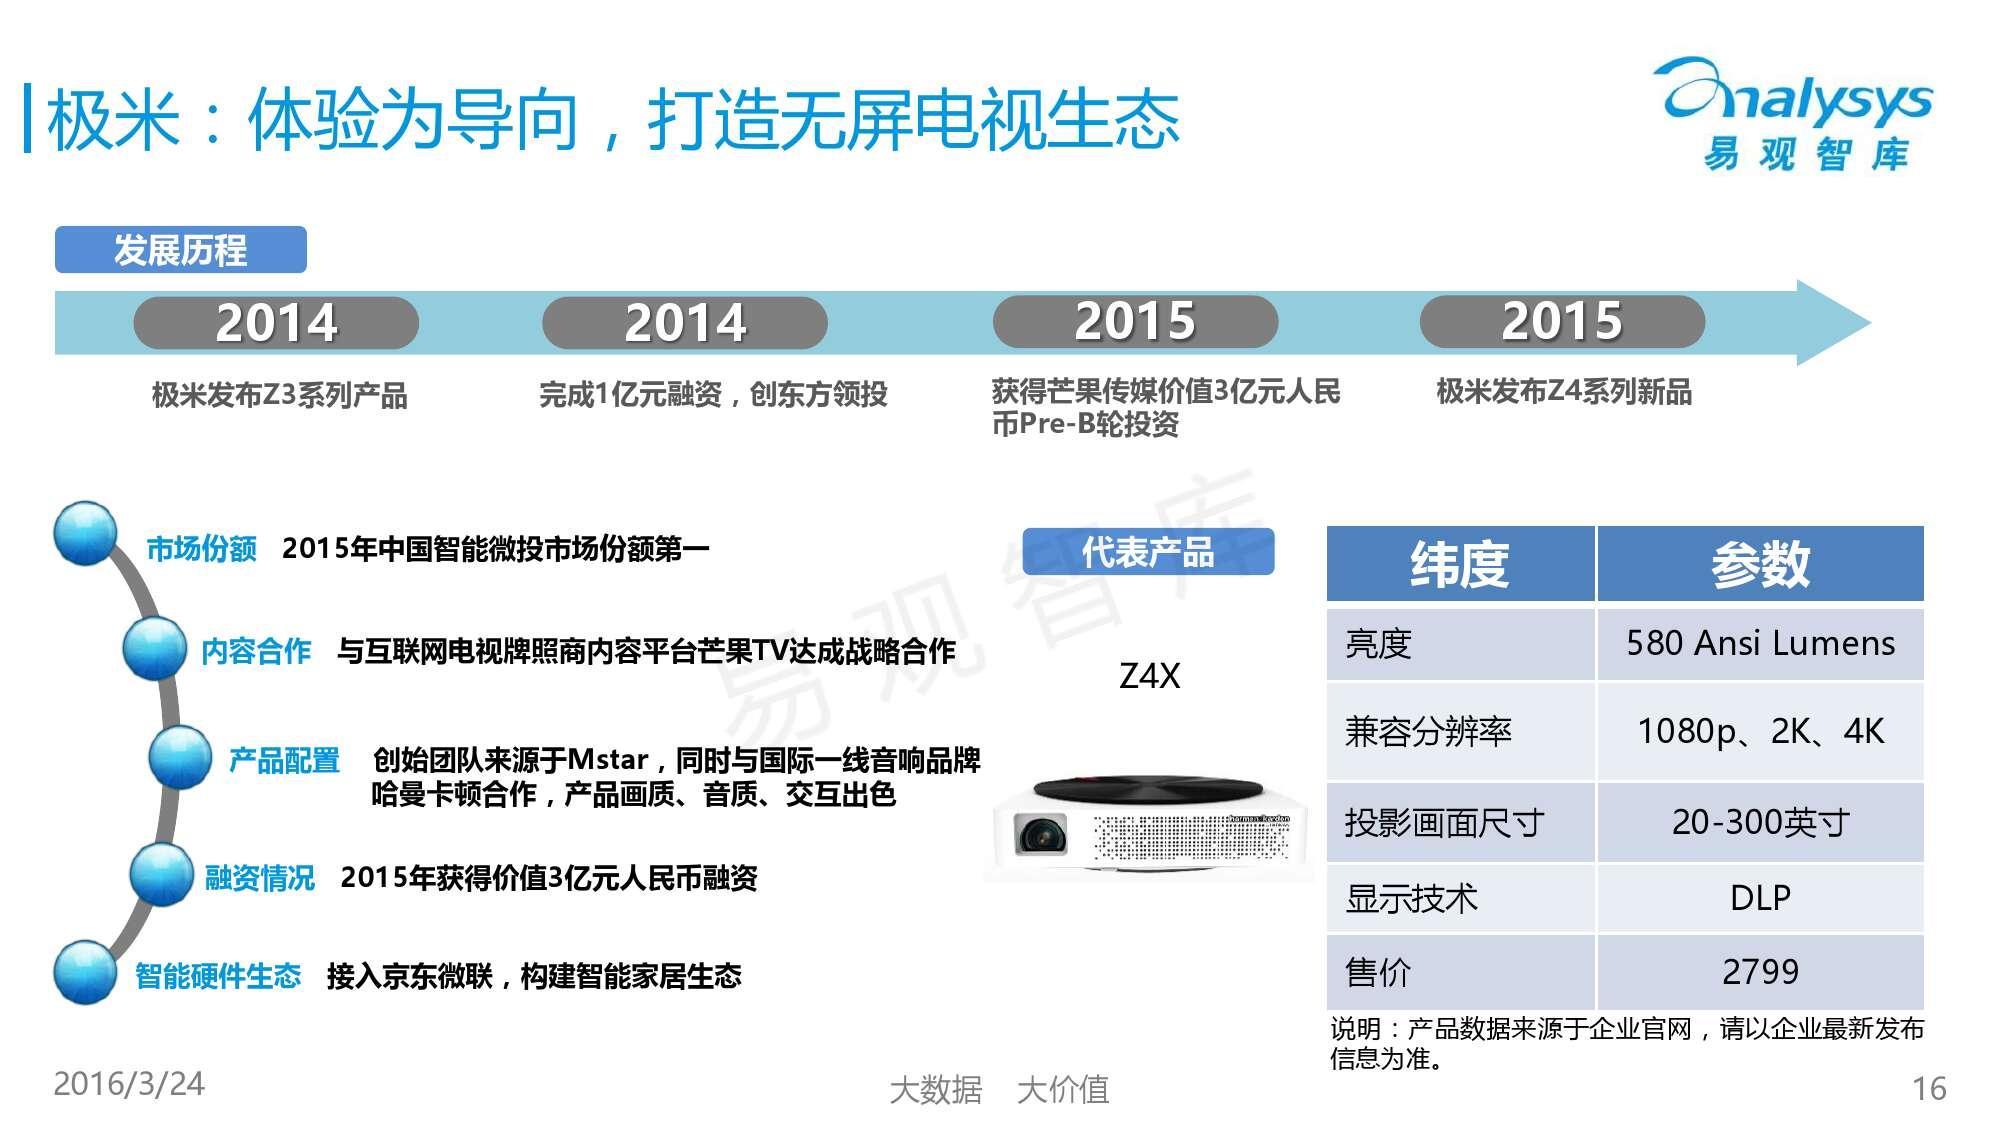 中国智能微投市场专题研究报告2016_000016